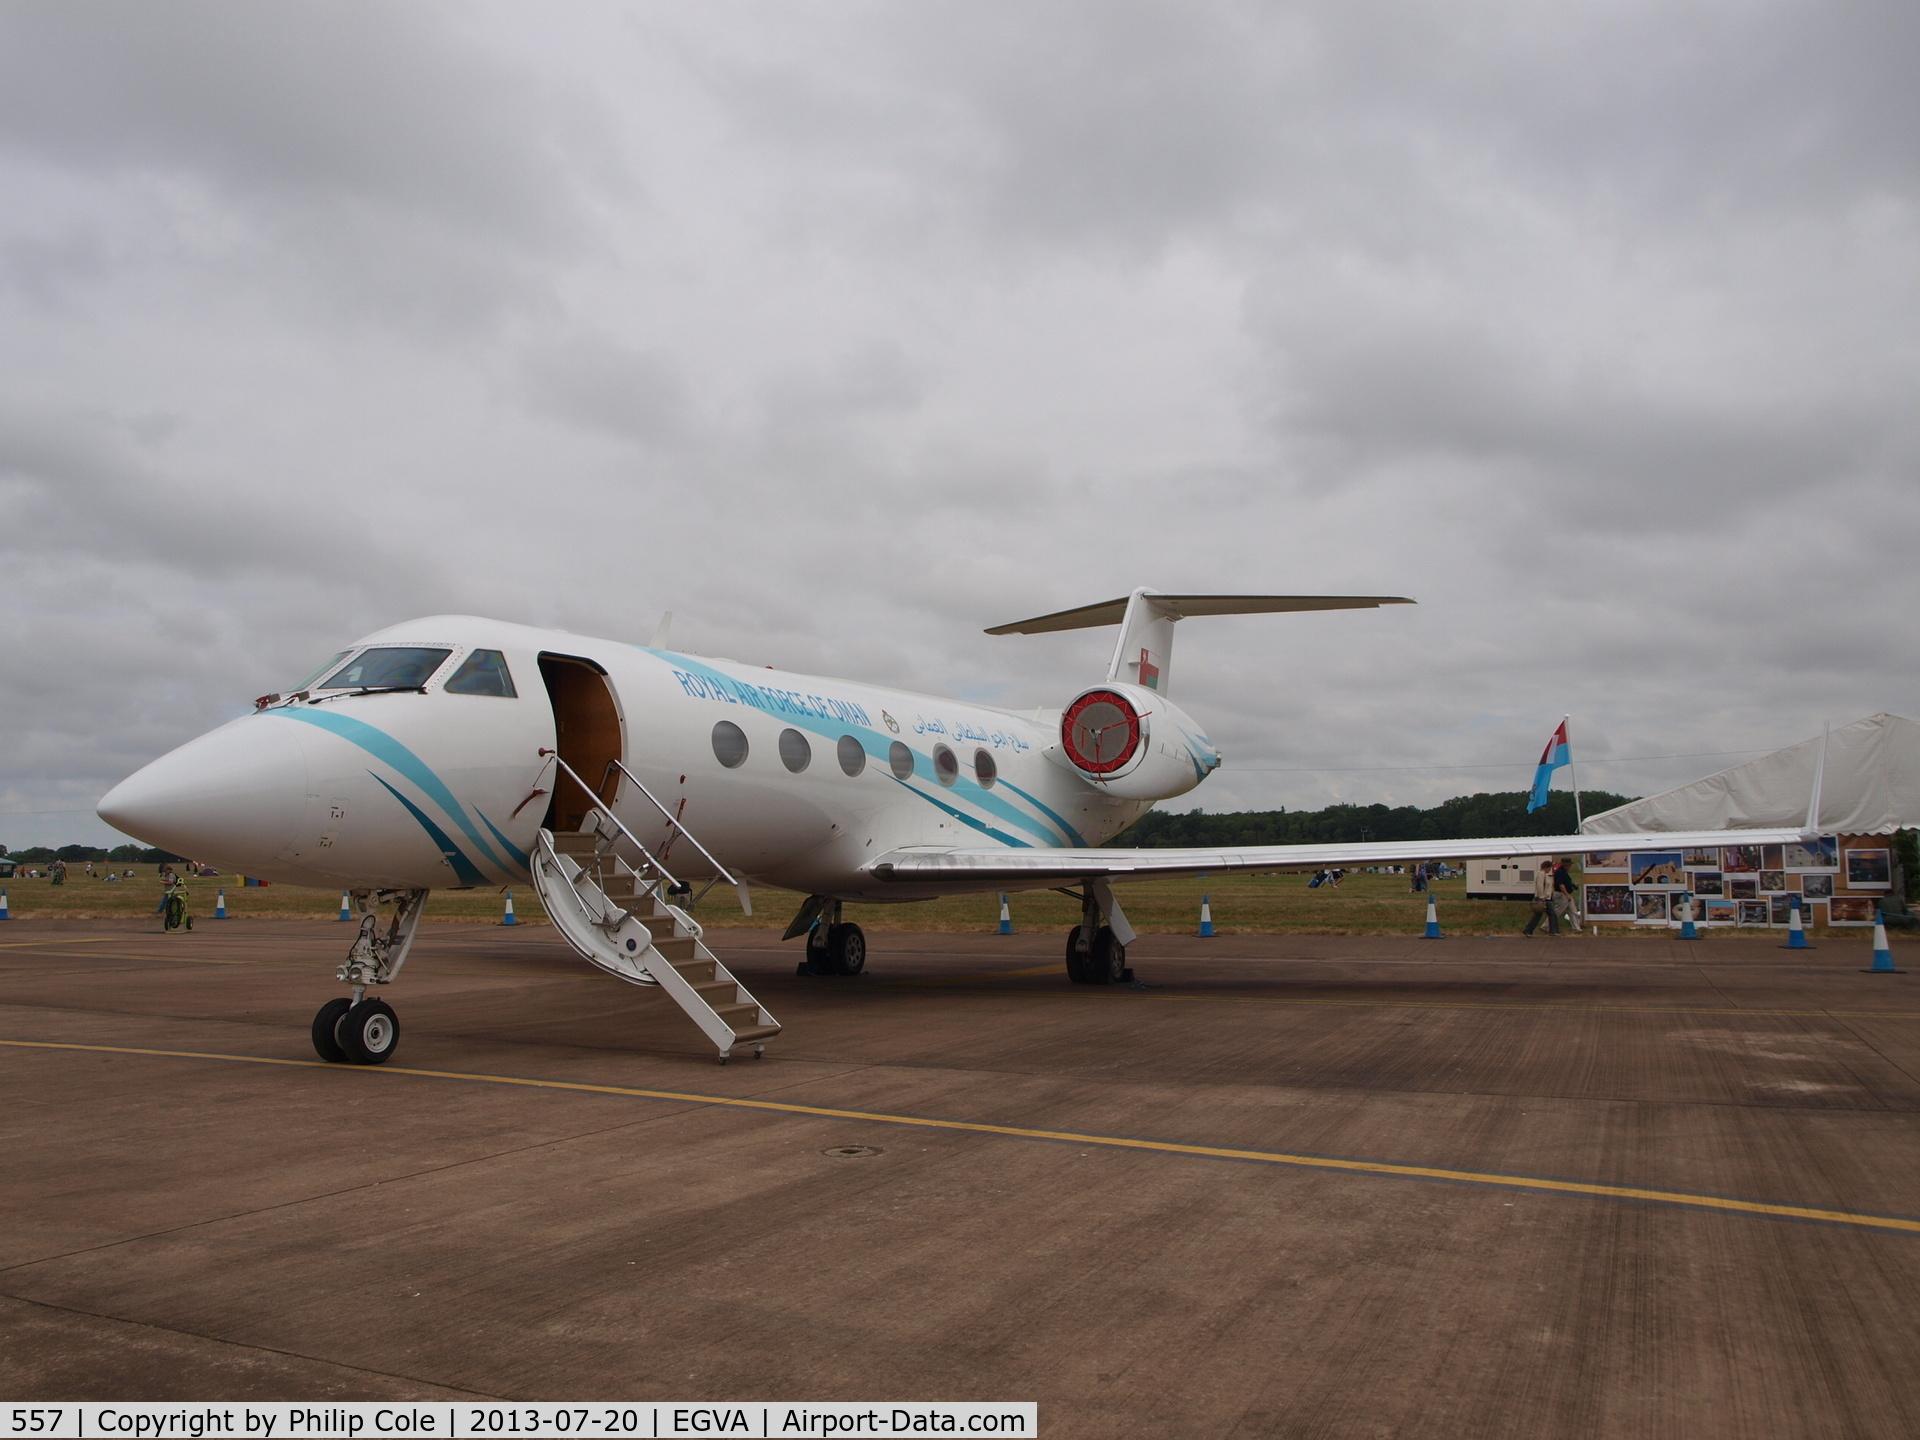 557, 1991 Gulfstream Aerospace Gulfstream IV C/N 1168, RIAT 2013